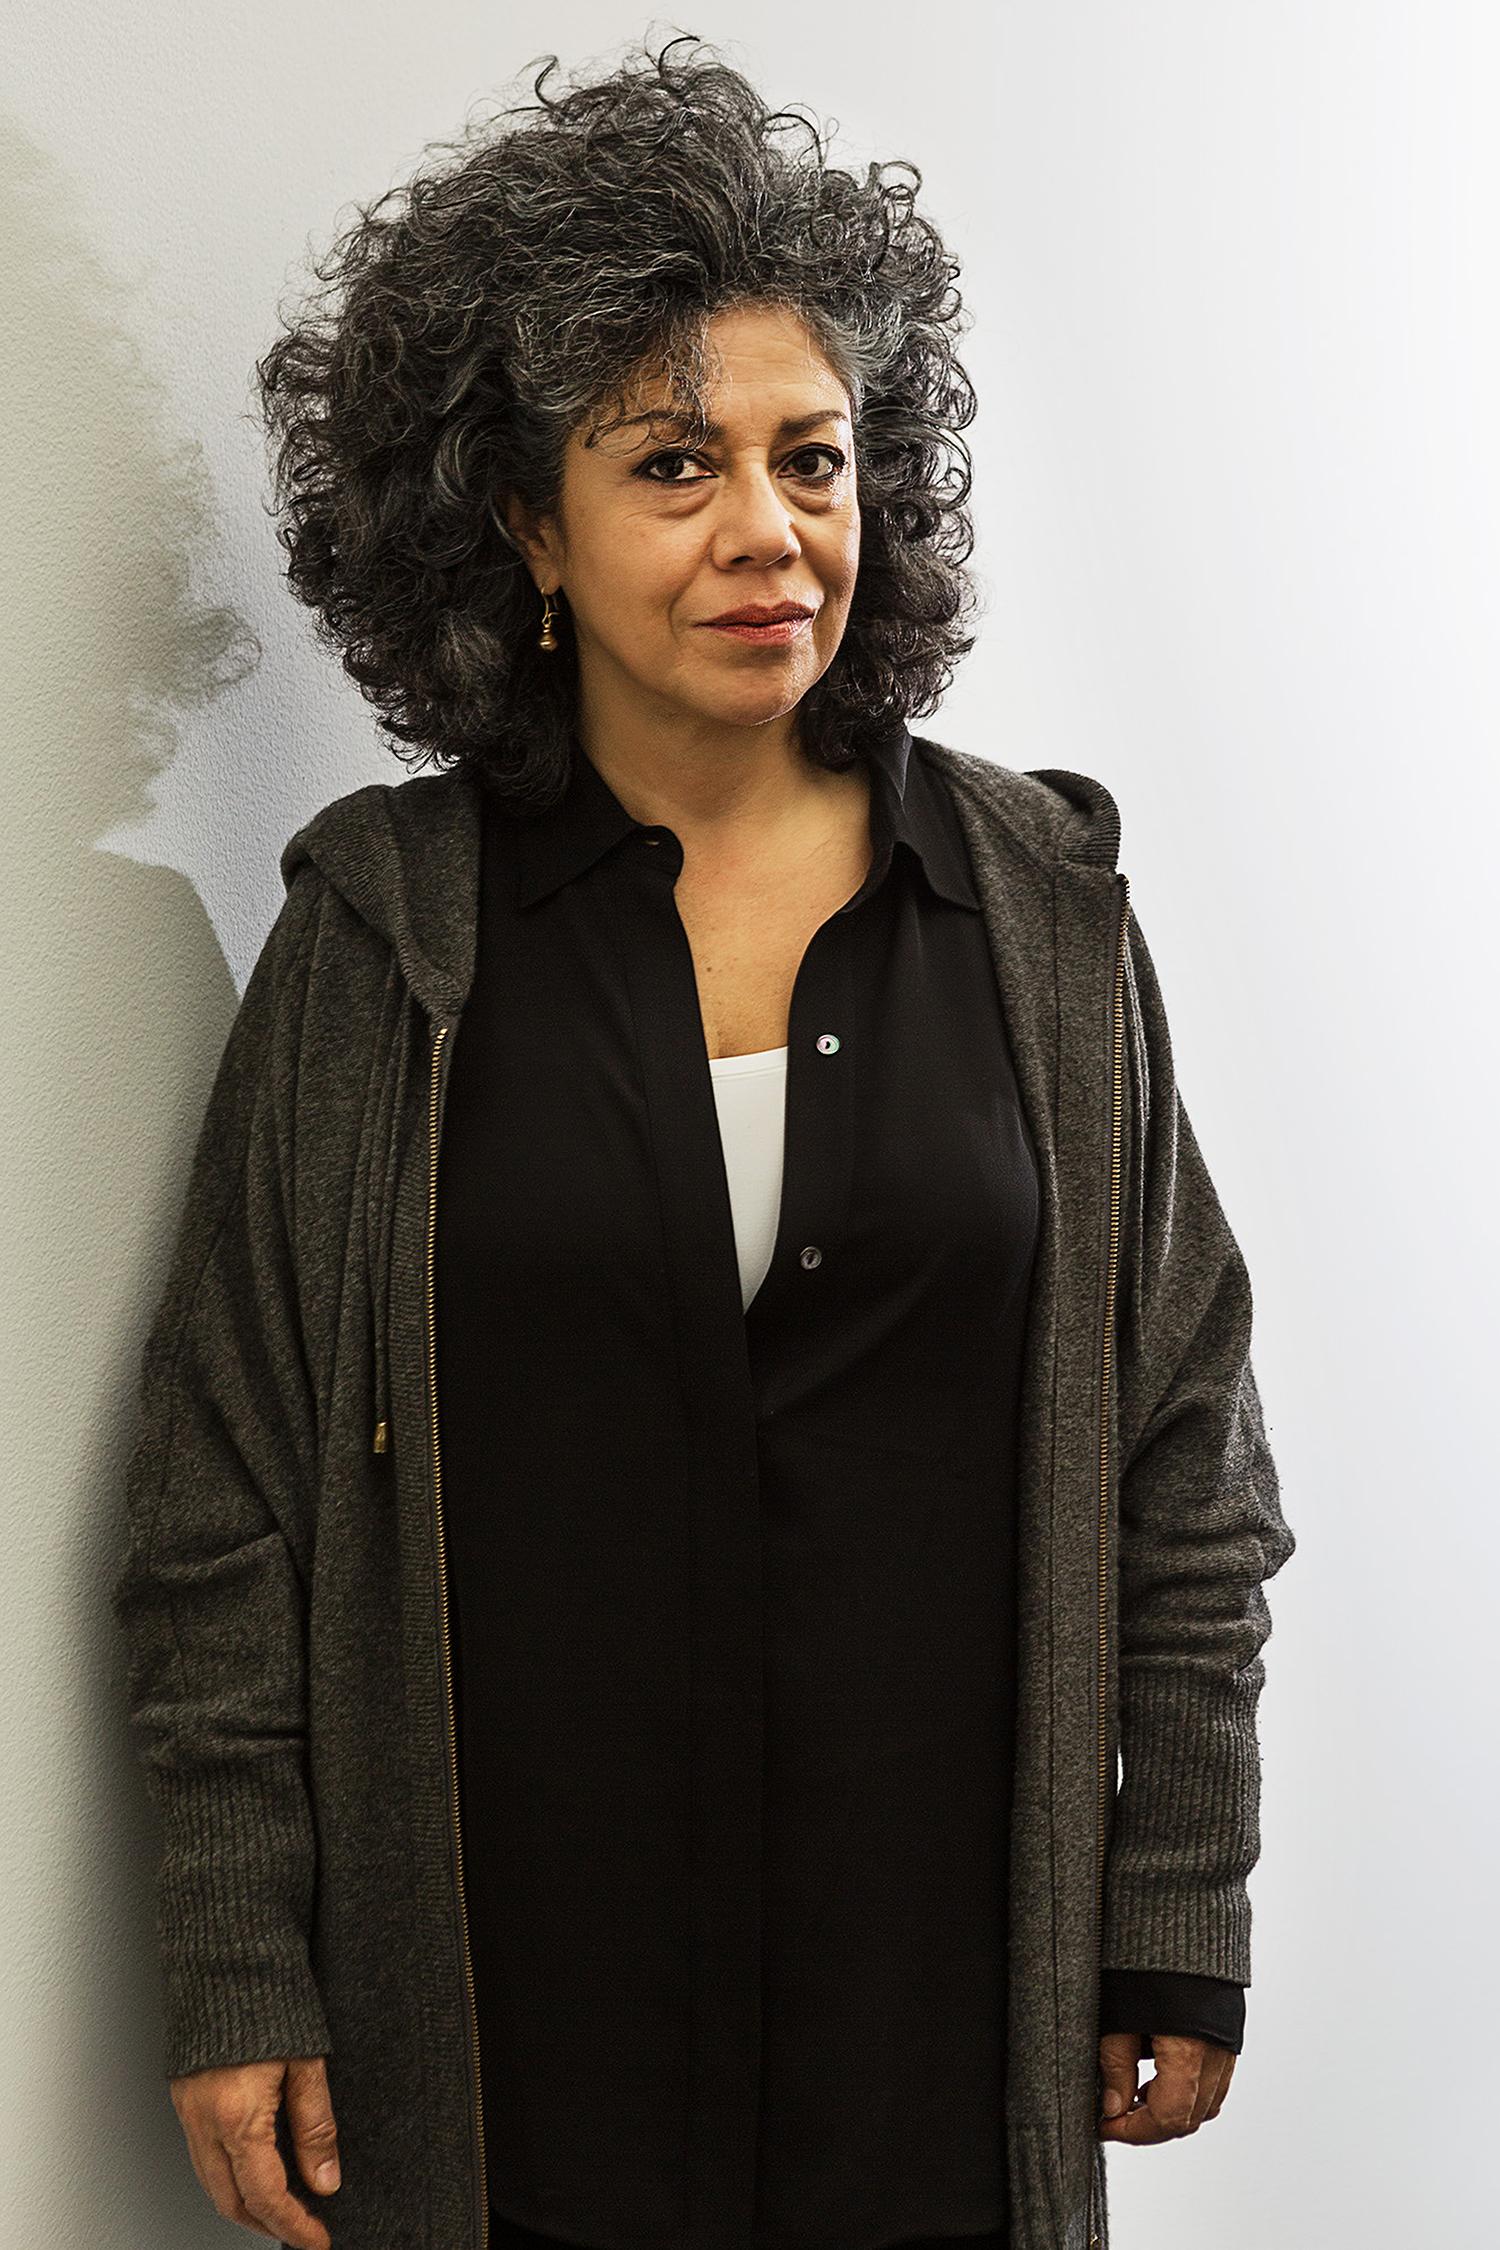 Doris Salcedo / Artist / Bogota, Colombia / For the New York Times